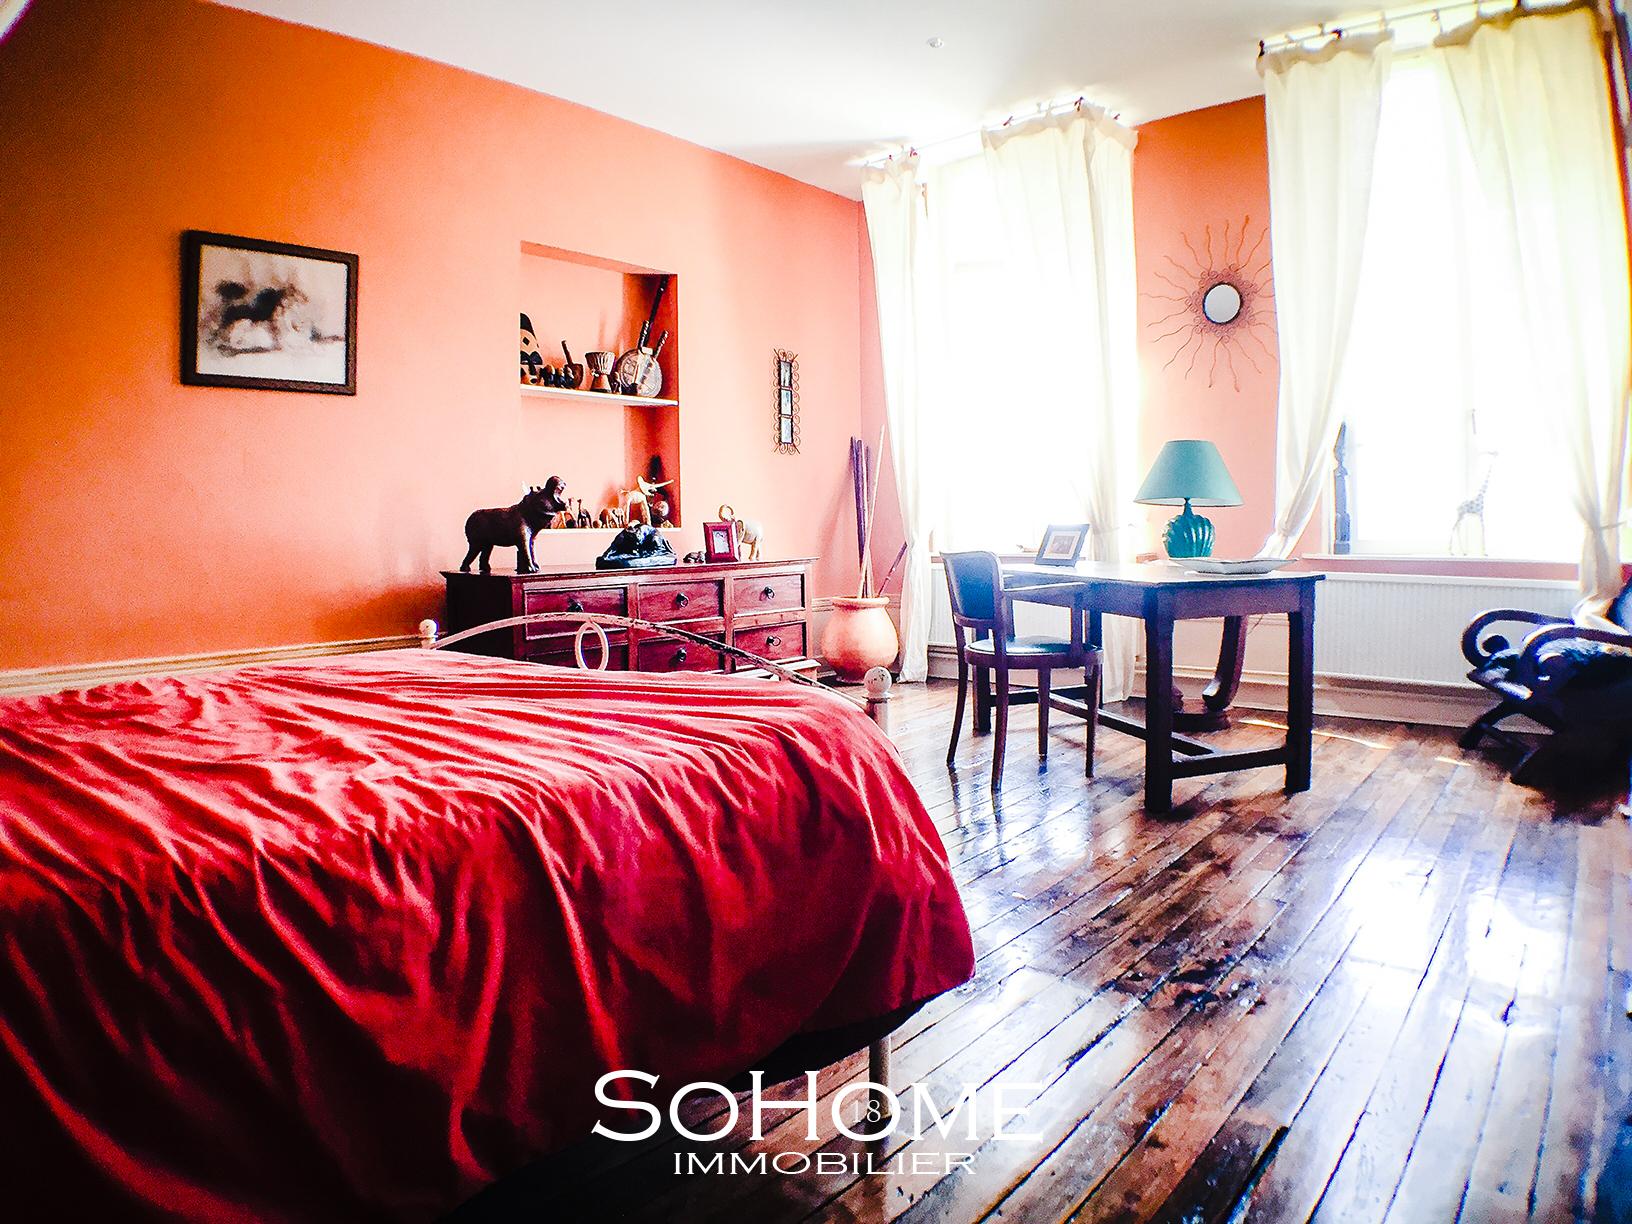 SoHomeImmobilier-FAMILIALE-maison-13.jpg